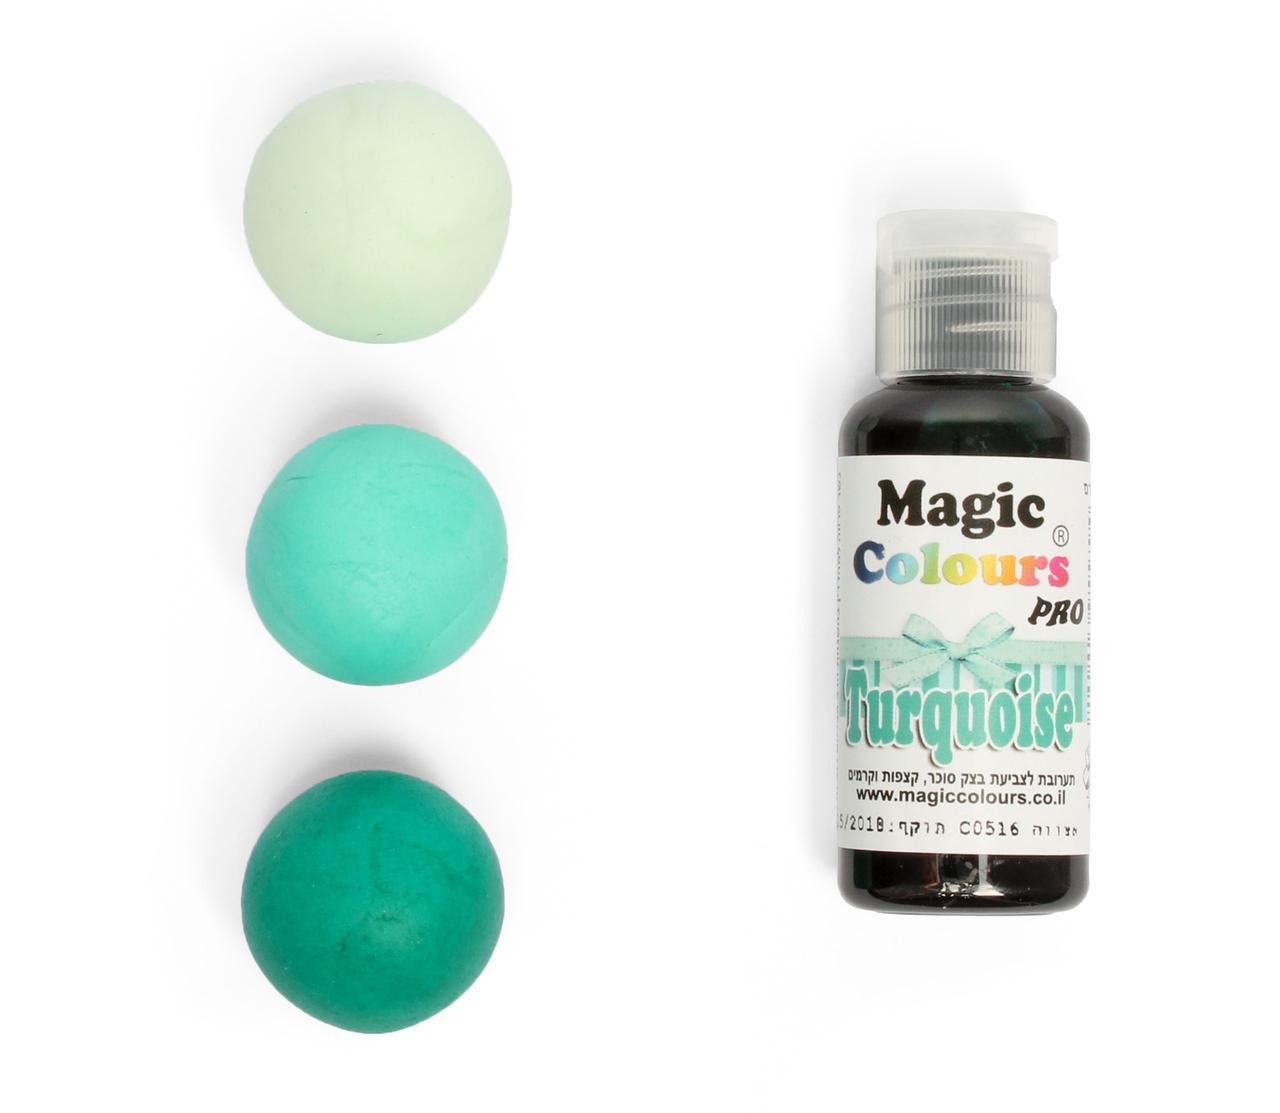 Гелевый краситель Magic Colour Бирюзовый  (Turquoise) 32 грамма